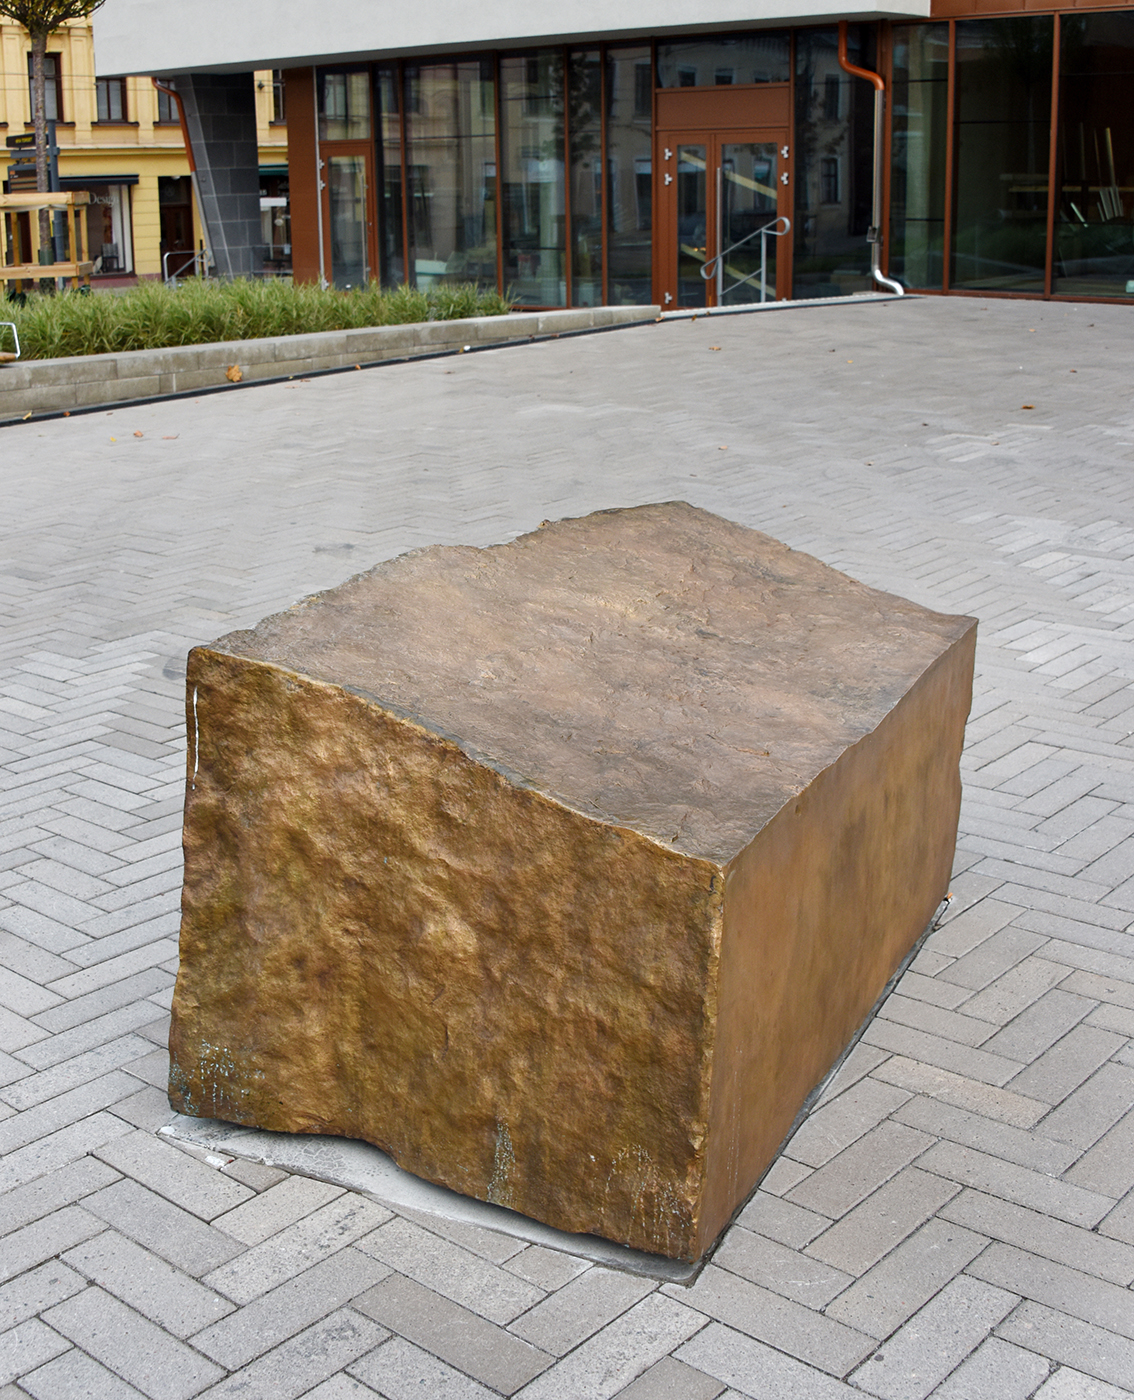 Stenen - Klicka för att byta till perspektivbild.